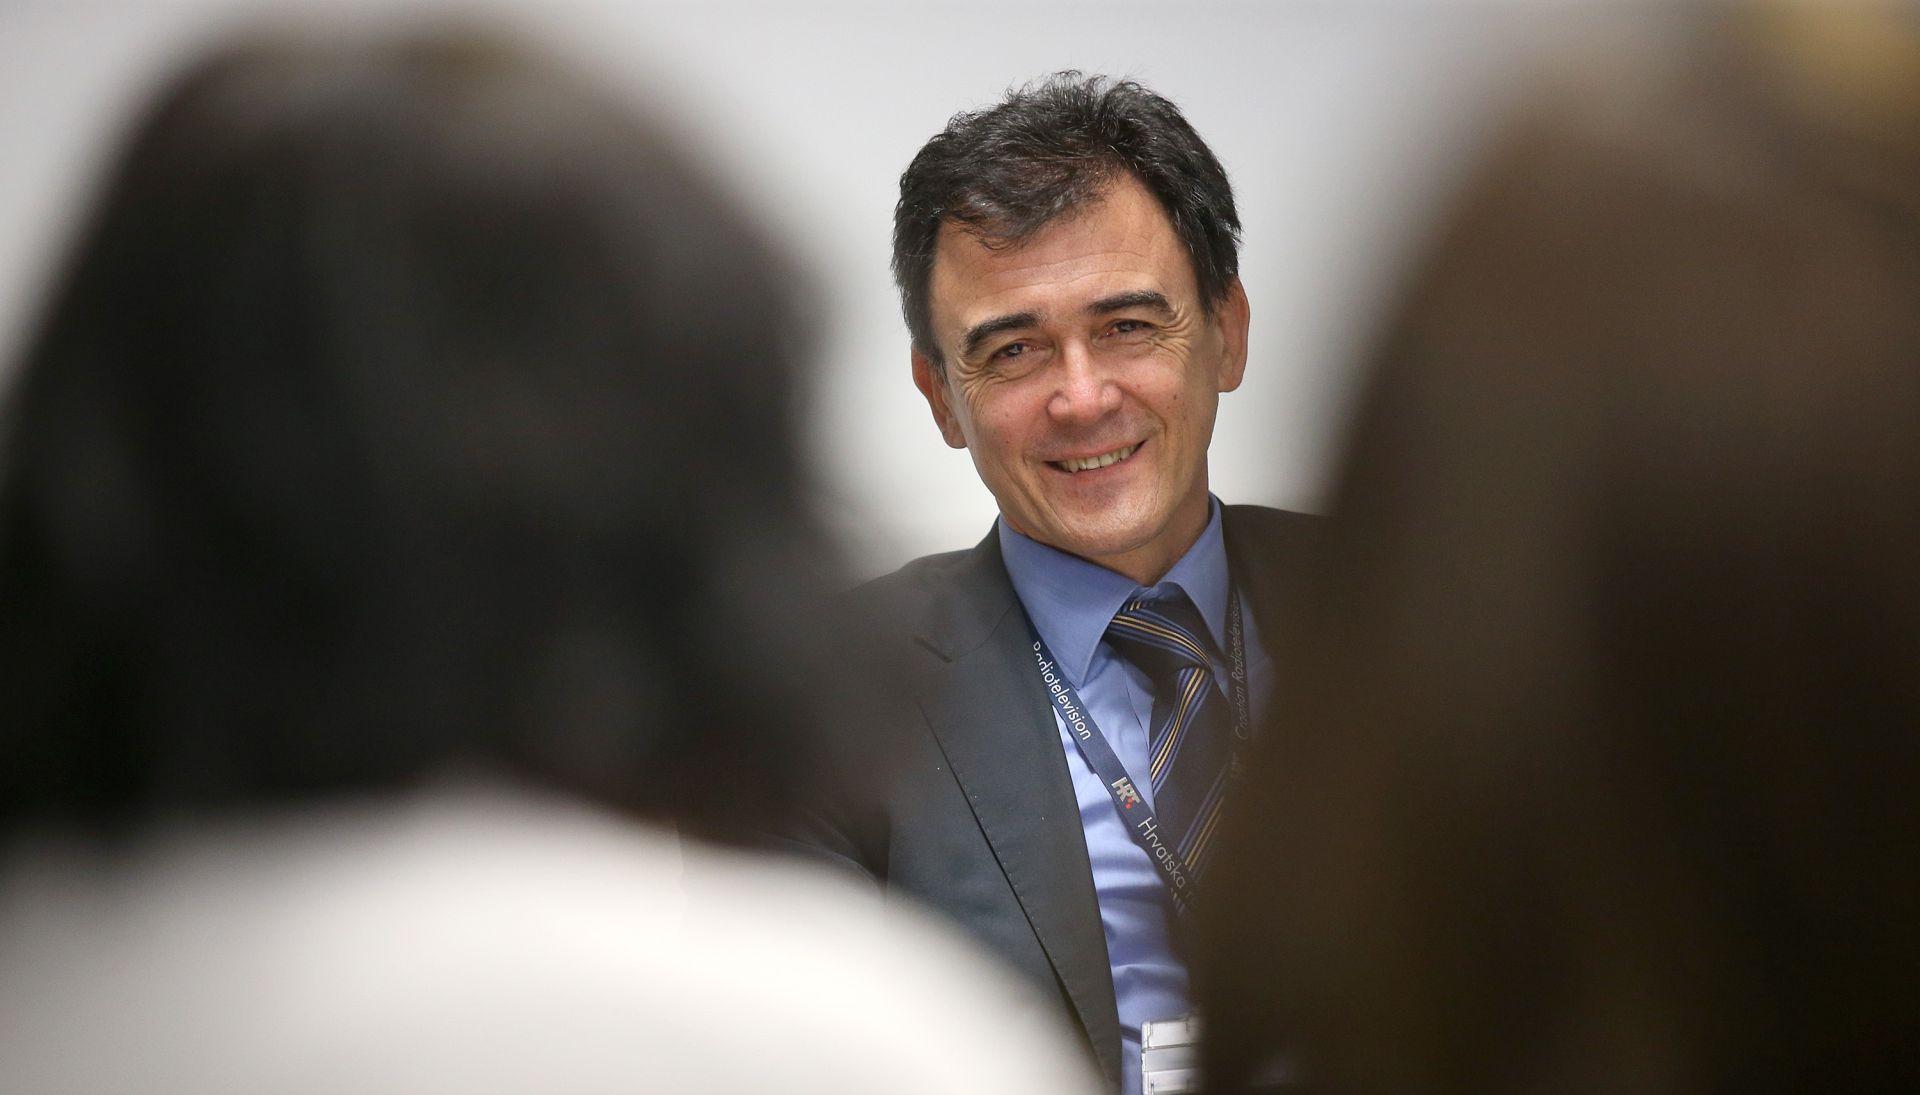 Upravni sud odbio Radmanovu žalbu i potvrdio da je bio u sukobu interesa